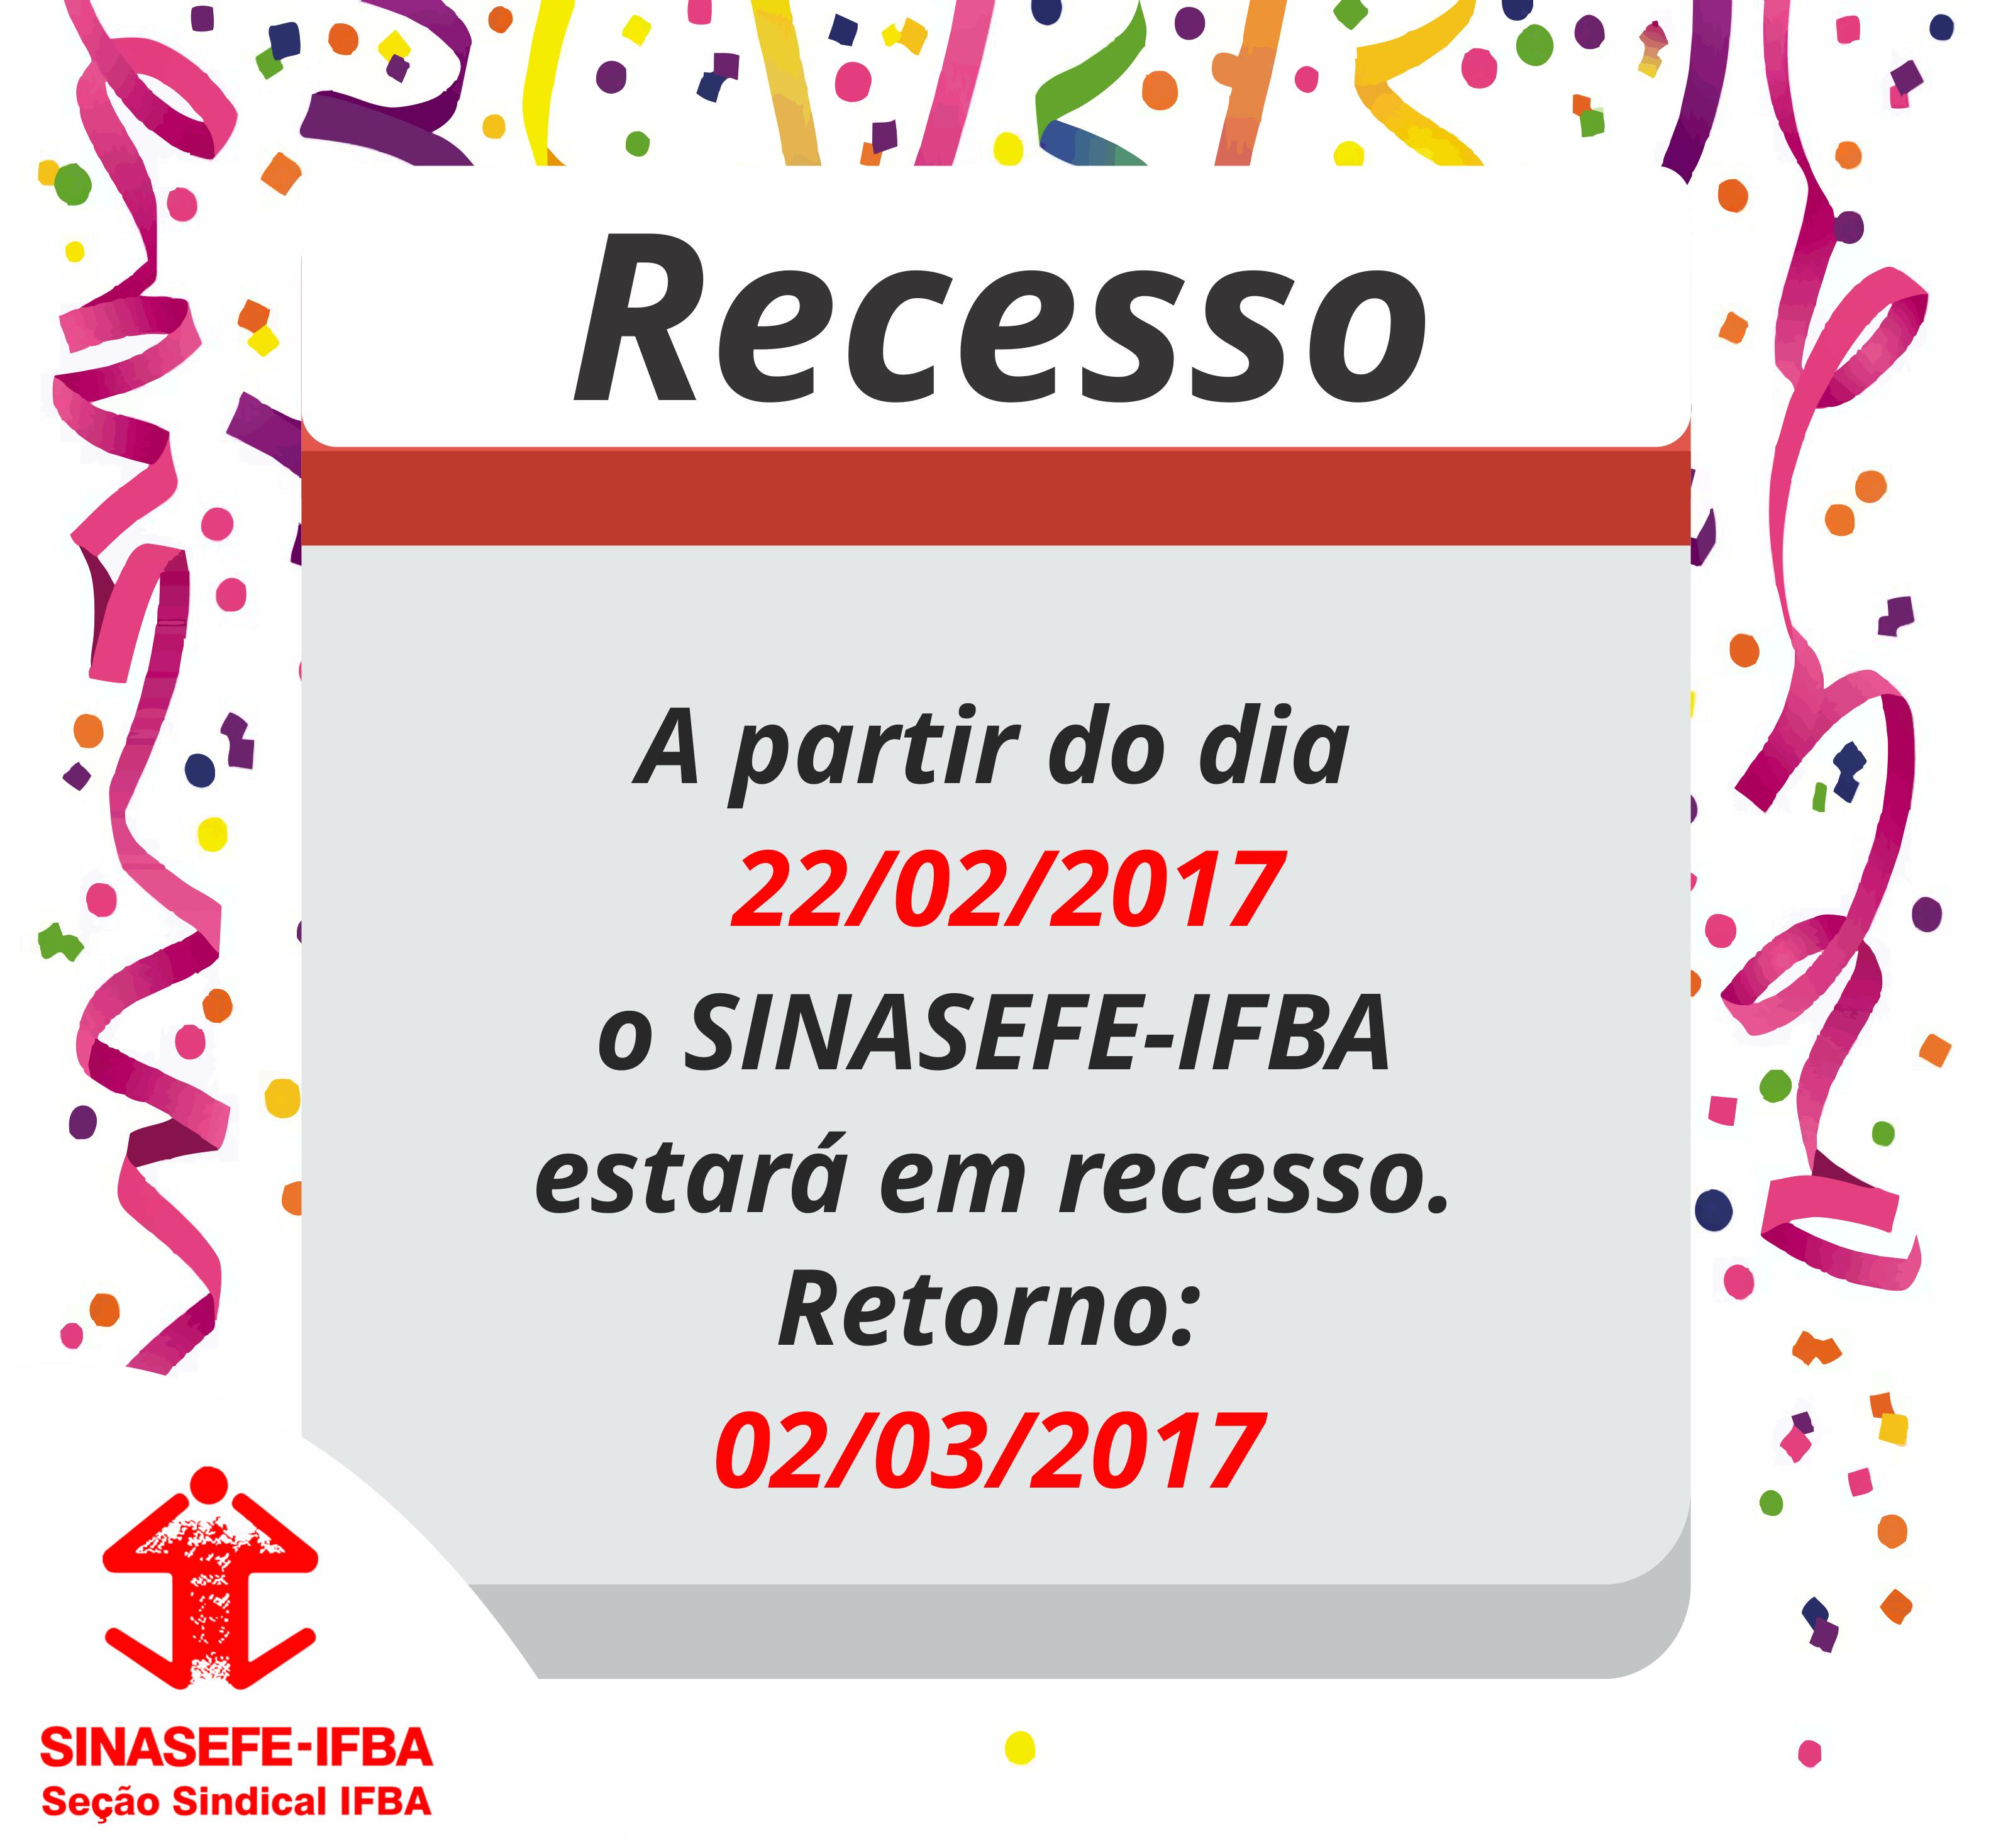 recesso carnaval 2017